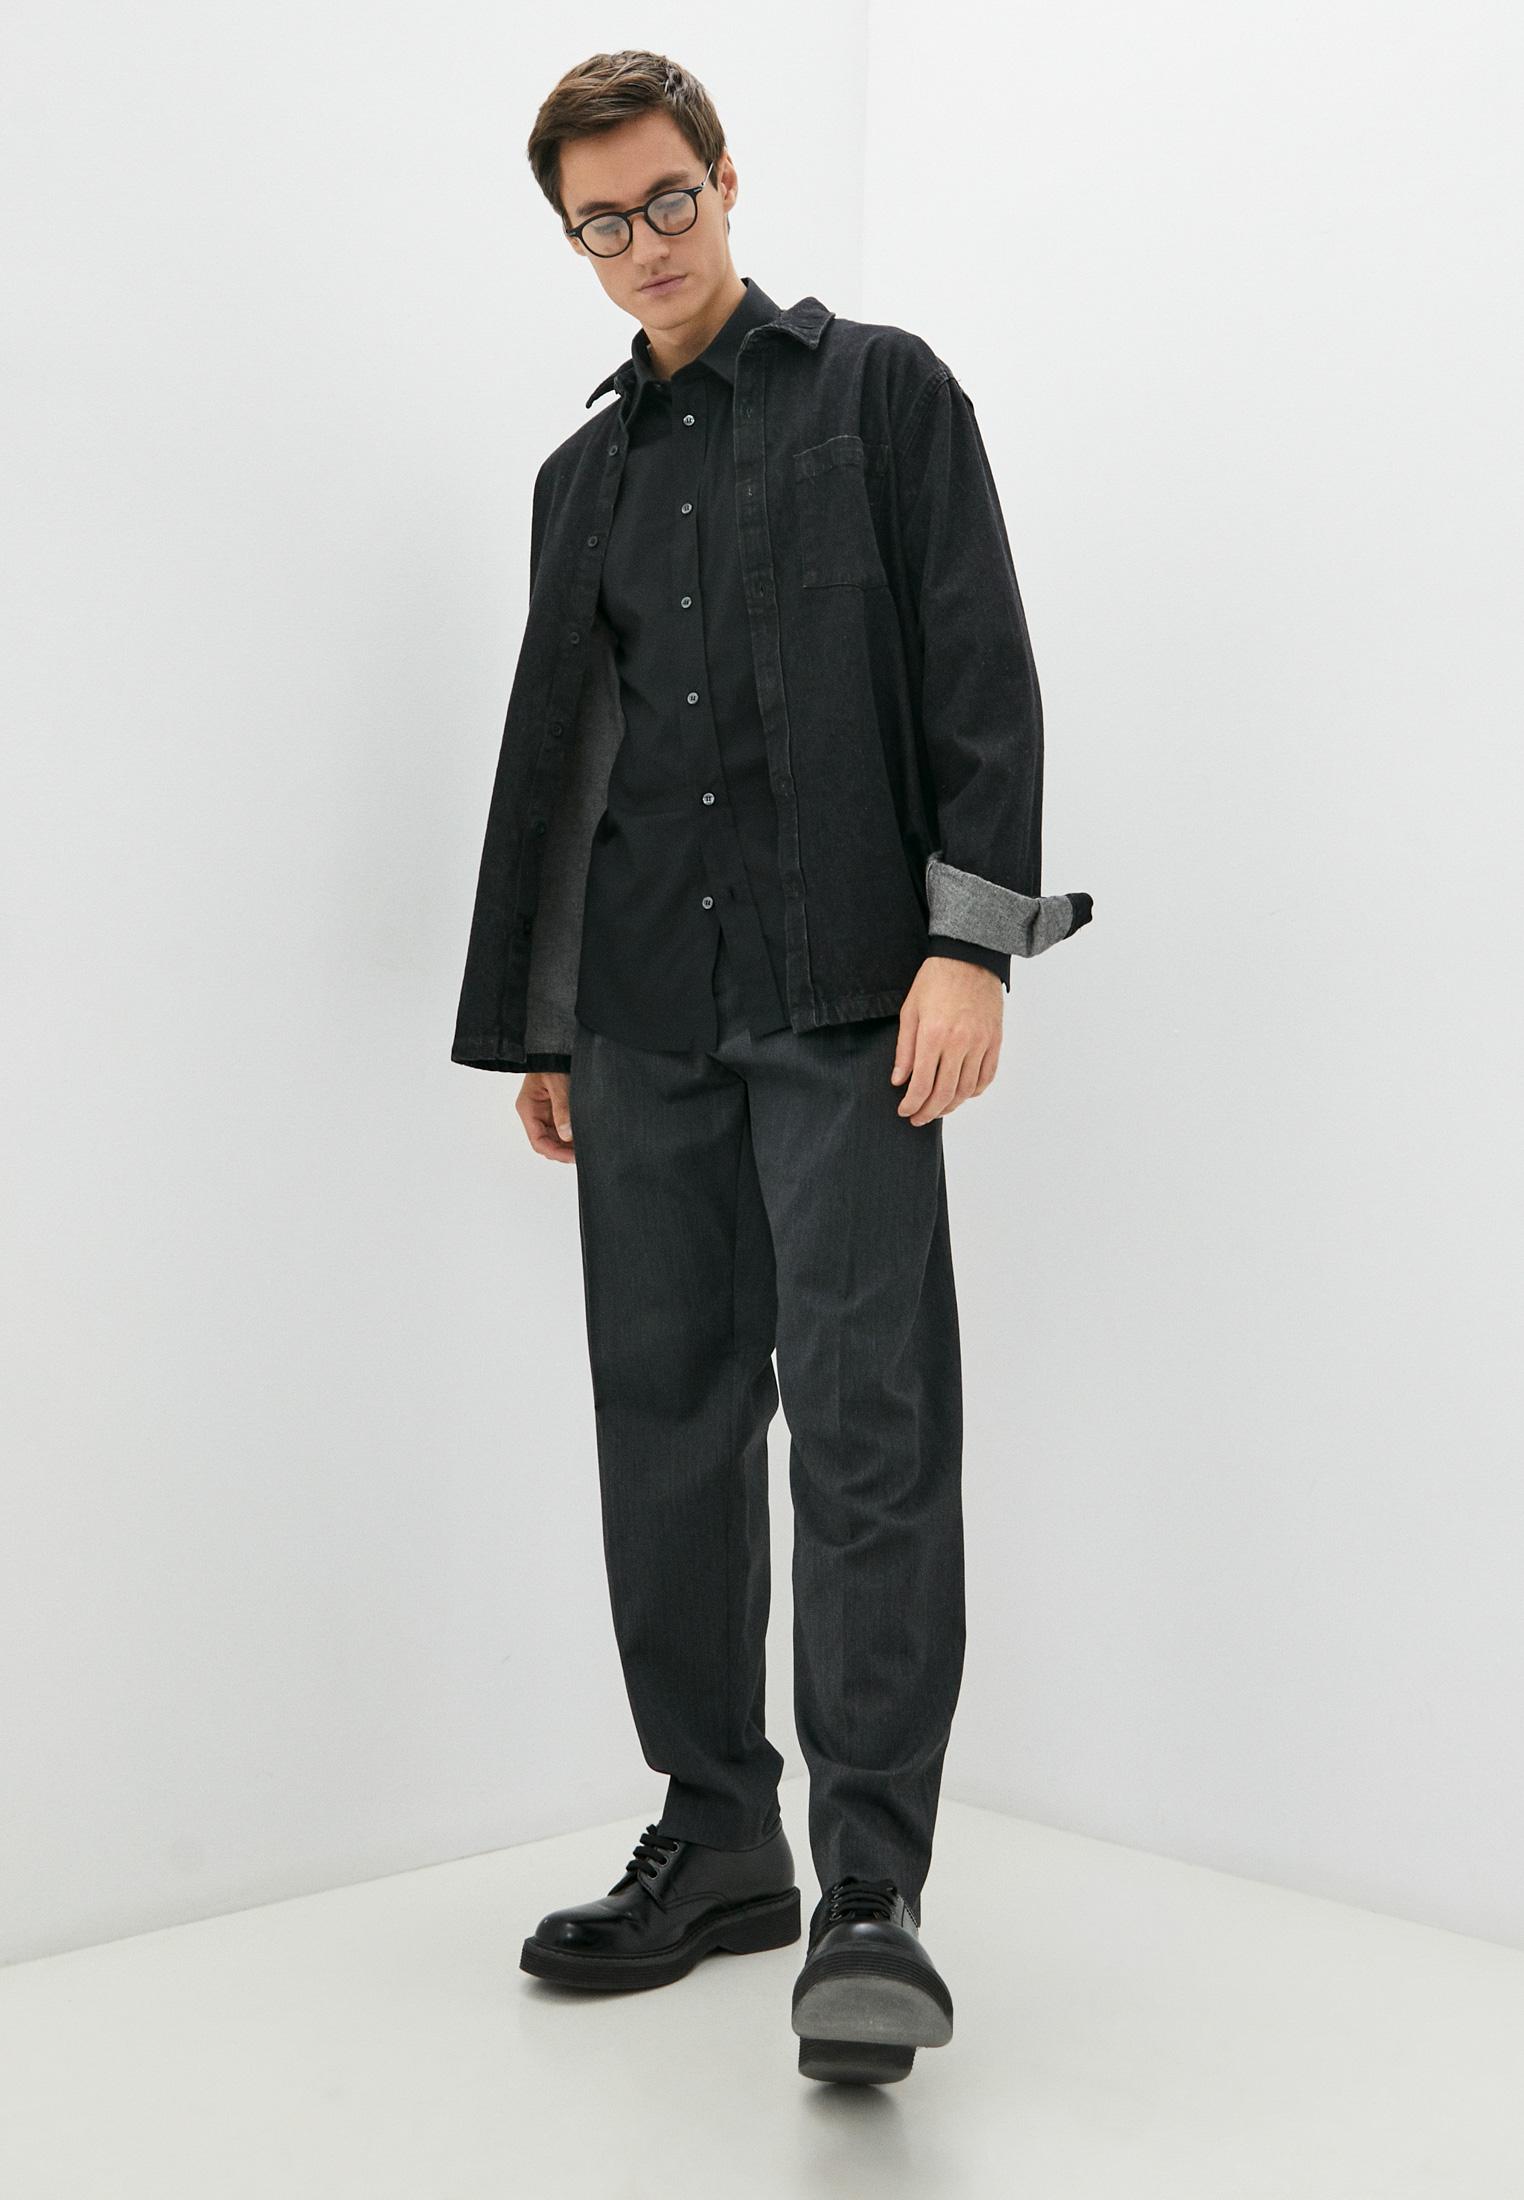 Рубашка с длинным рукавом Bikkembergs (Биккембергс) C C 009 7V S 2931: изображение 3